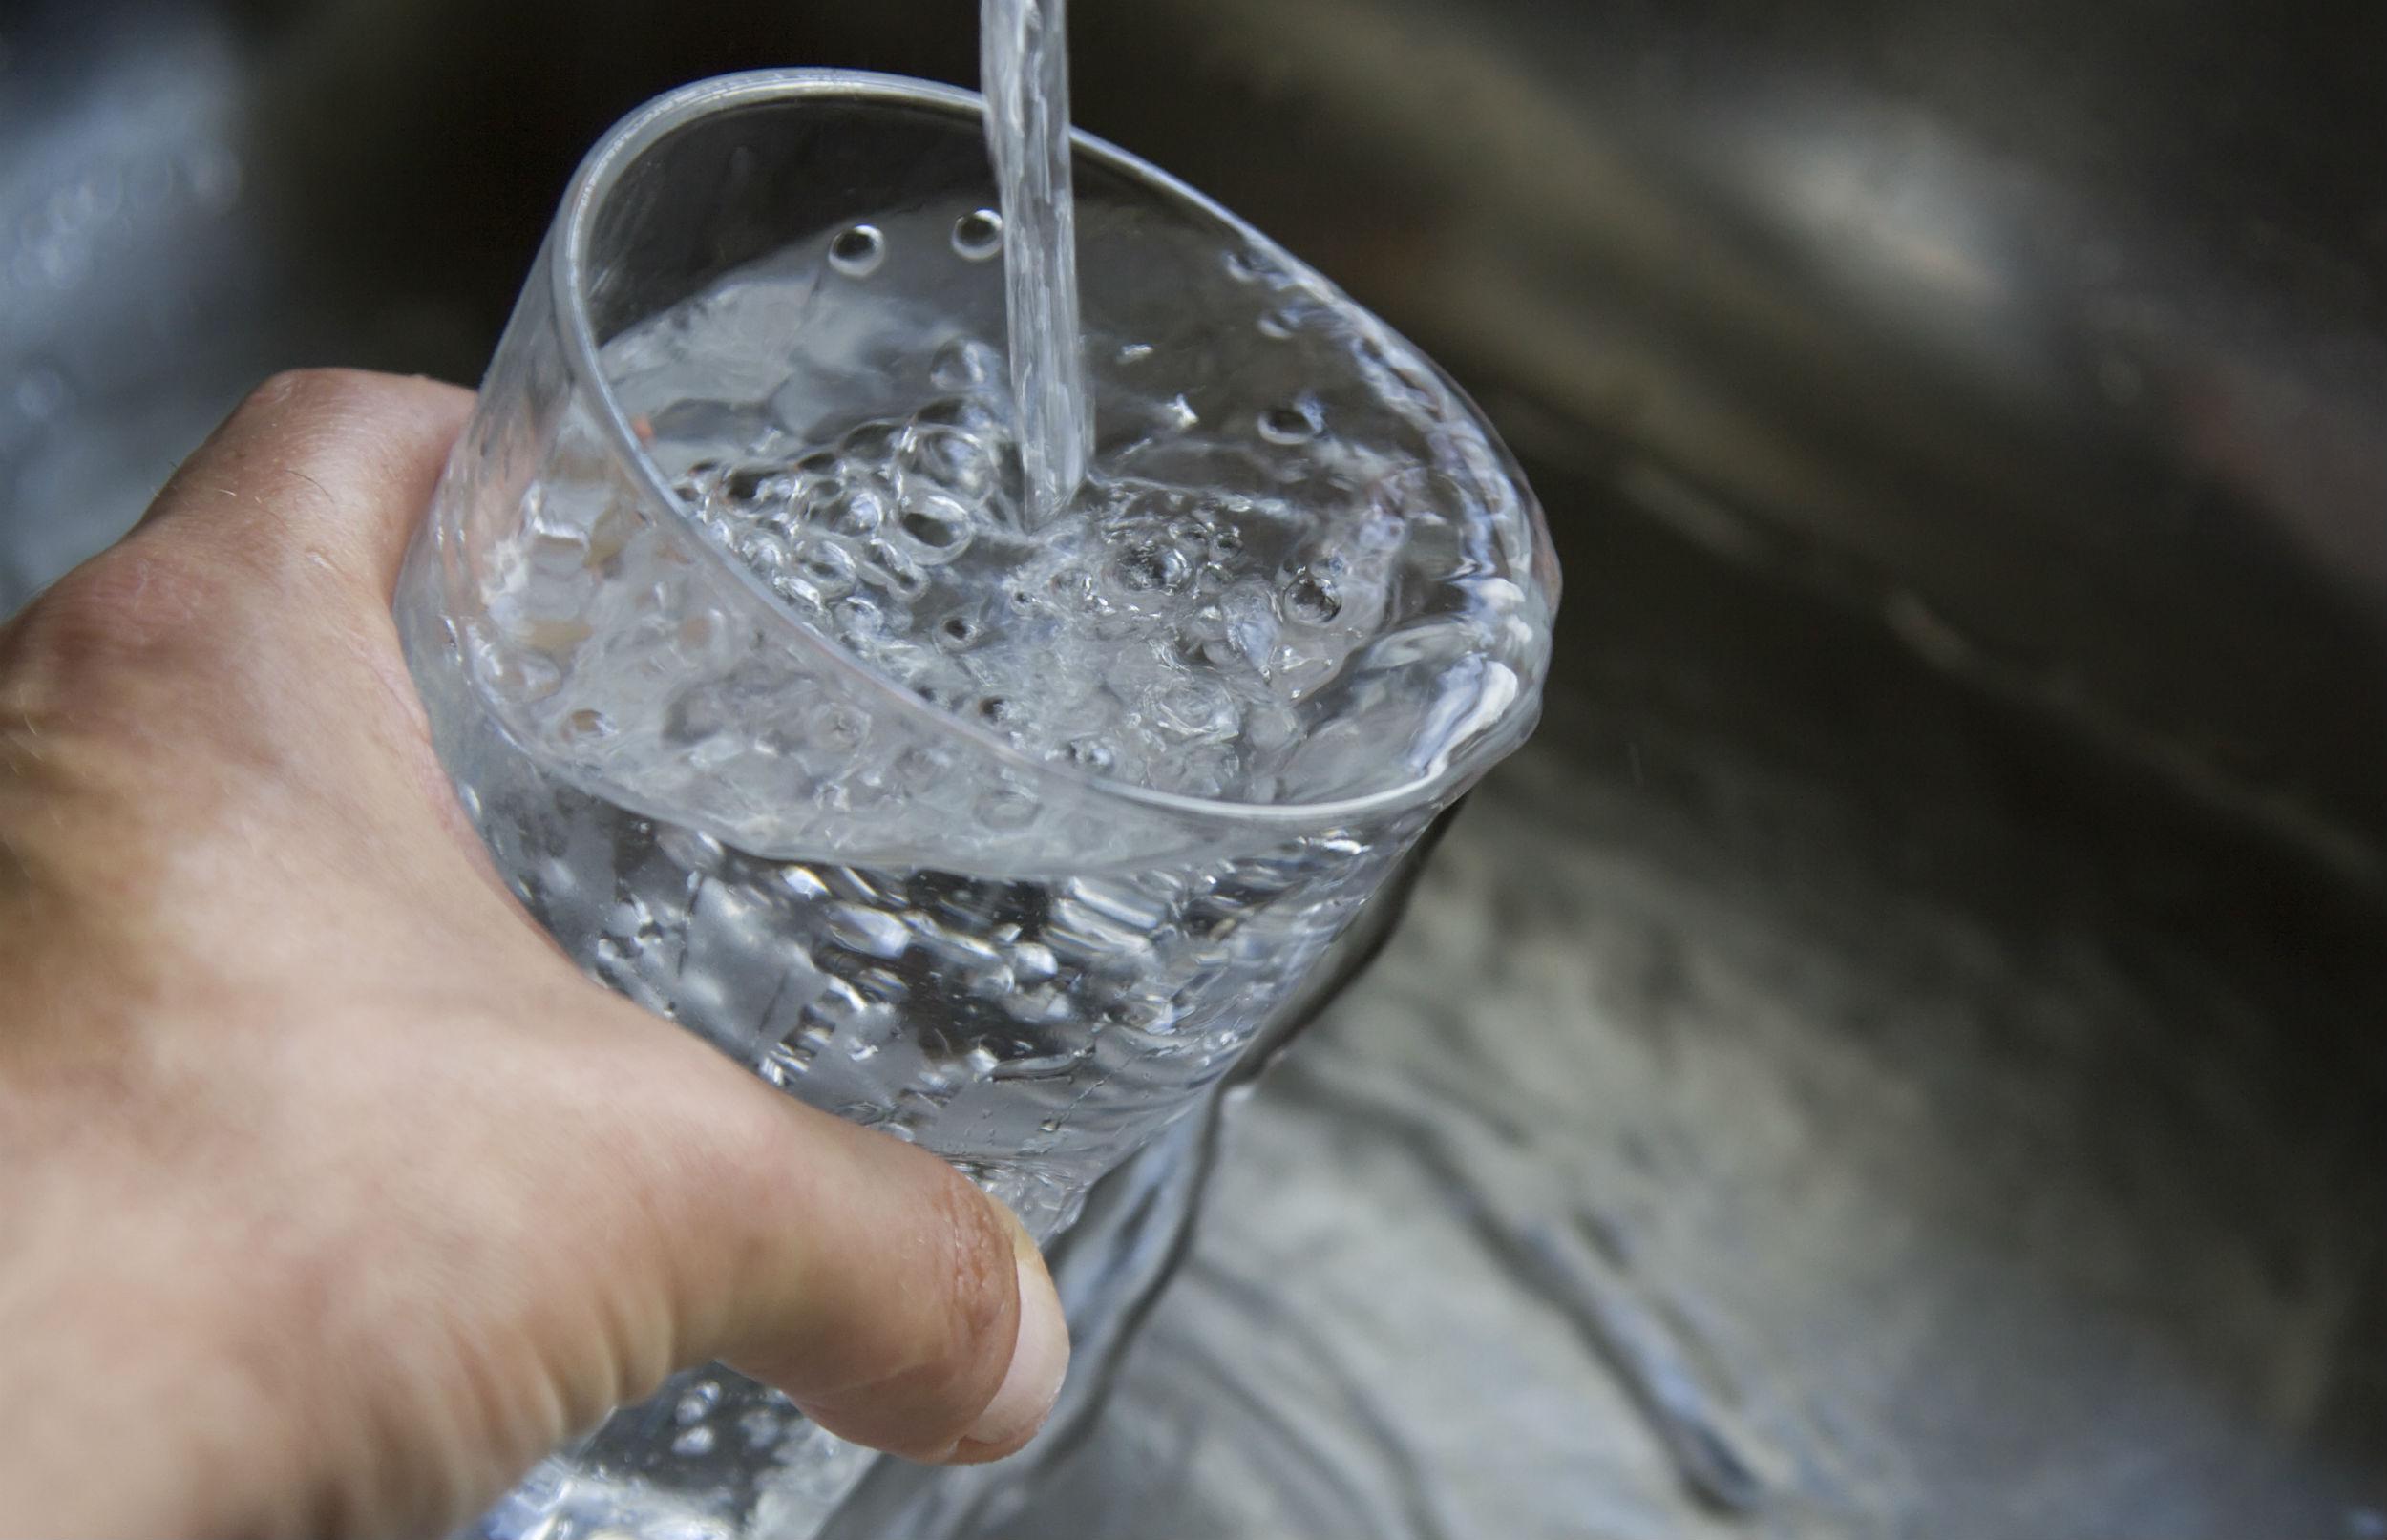 Nye tal: Sprøjtegiftrester i over halvdelen af vandprøverne i 2019